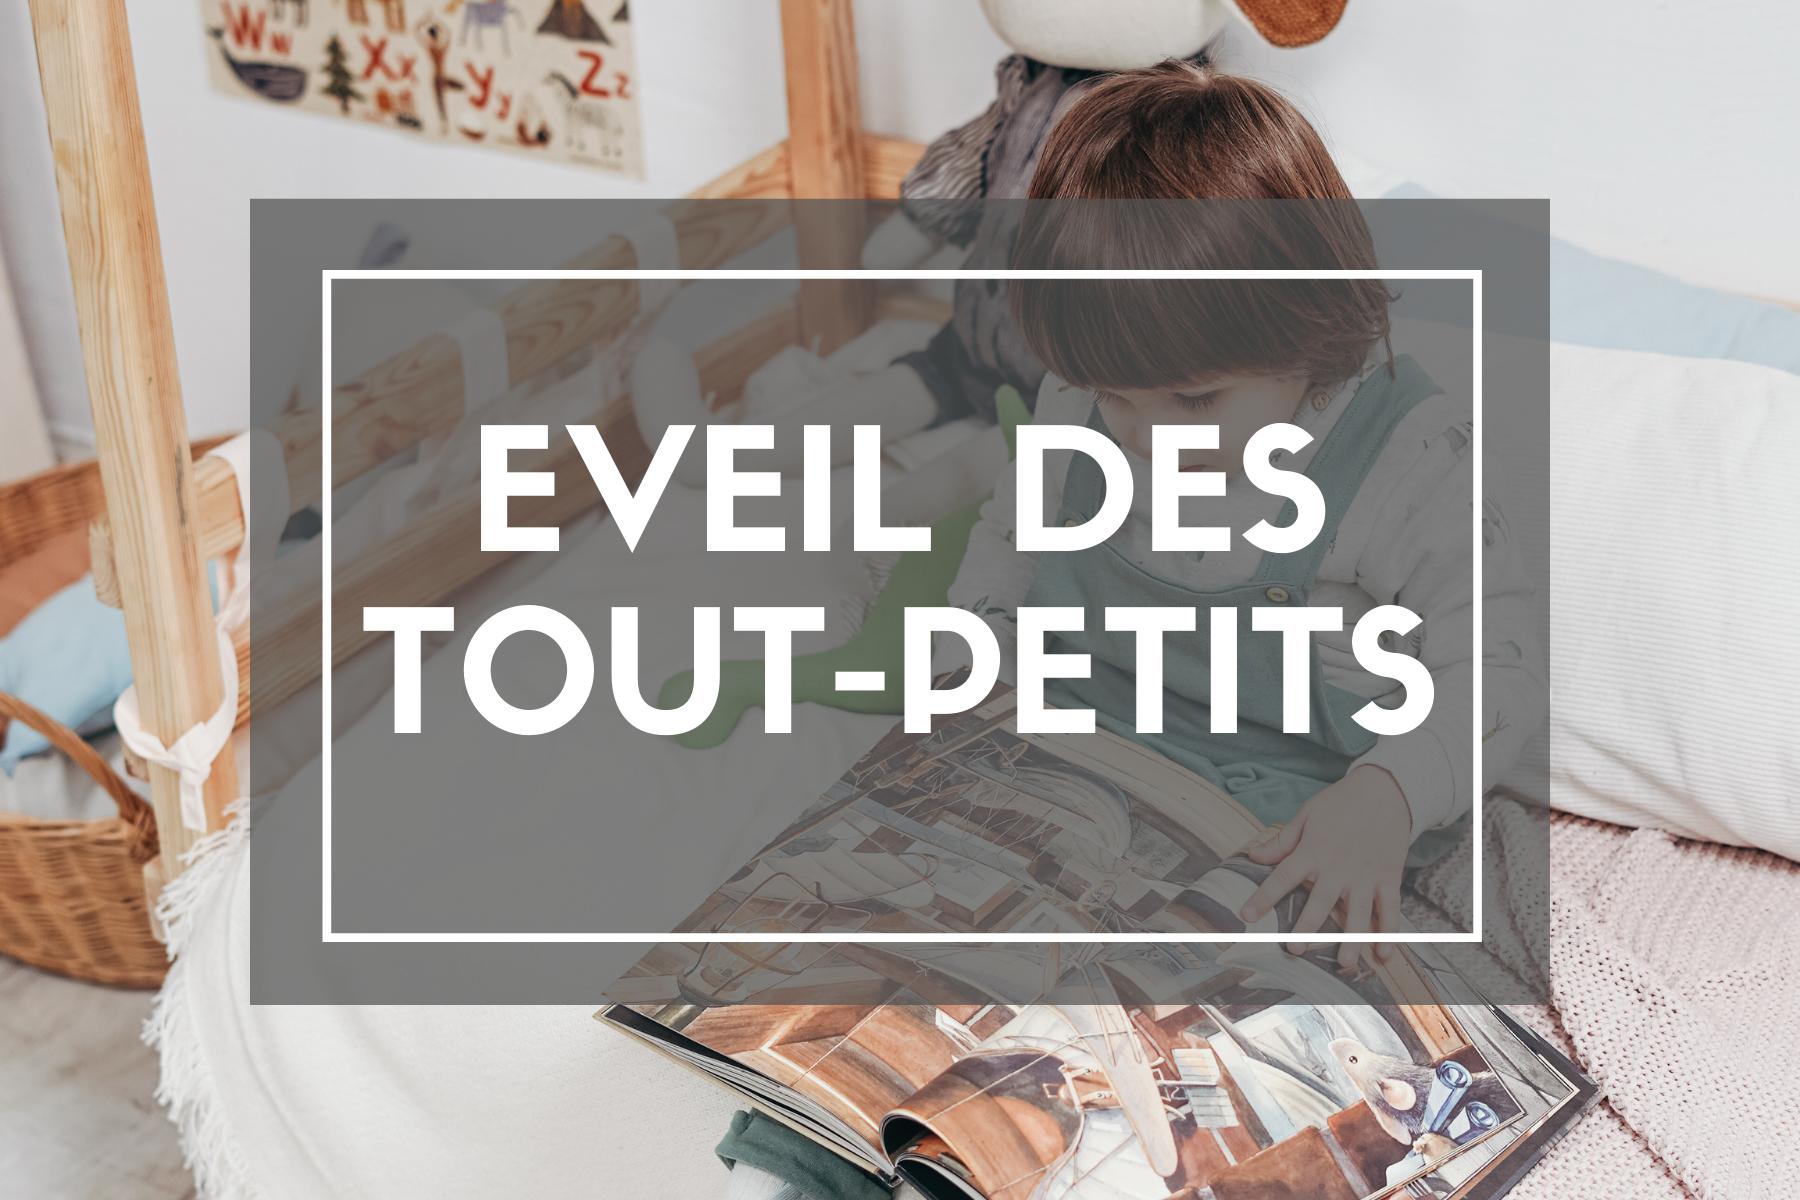 https://www.jeumeconstruis.fr/145-eveil-des-tout-petits